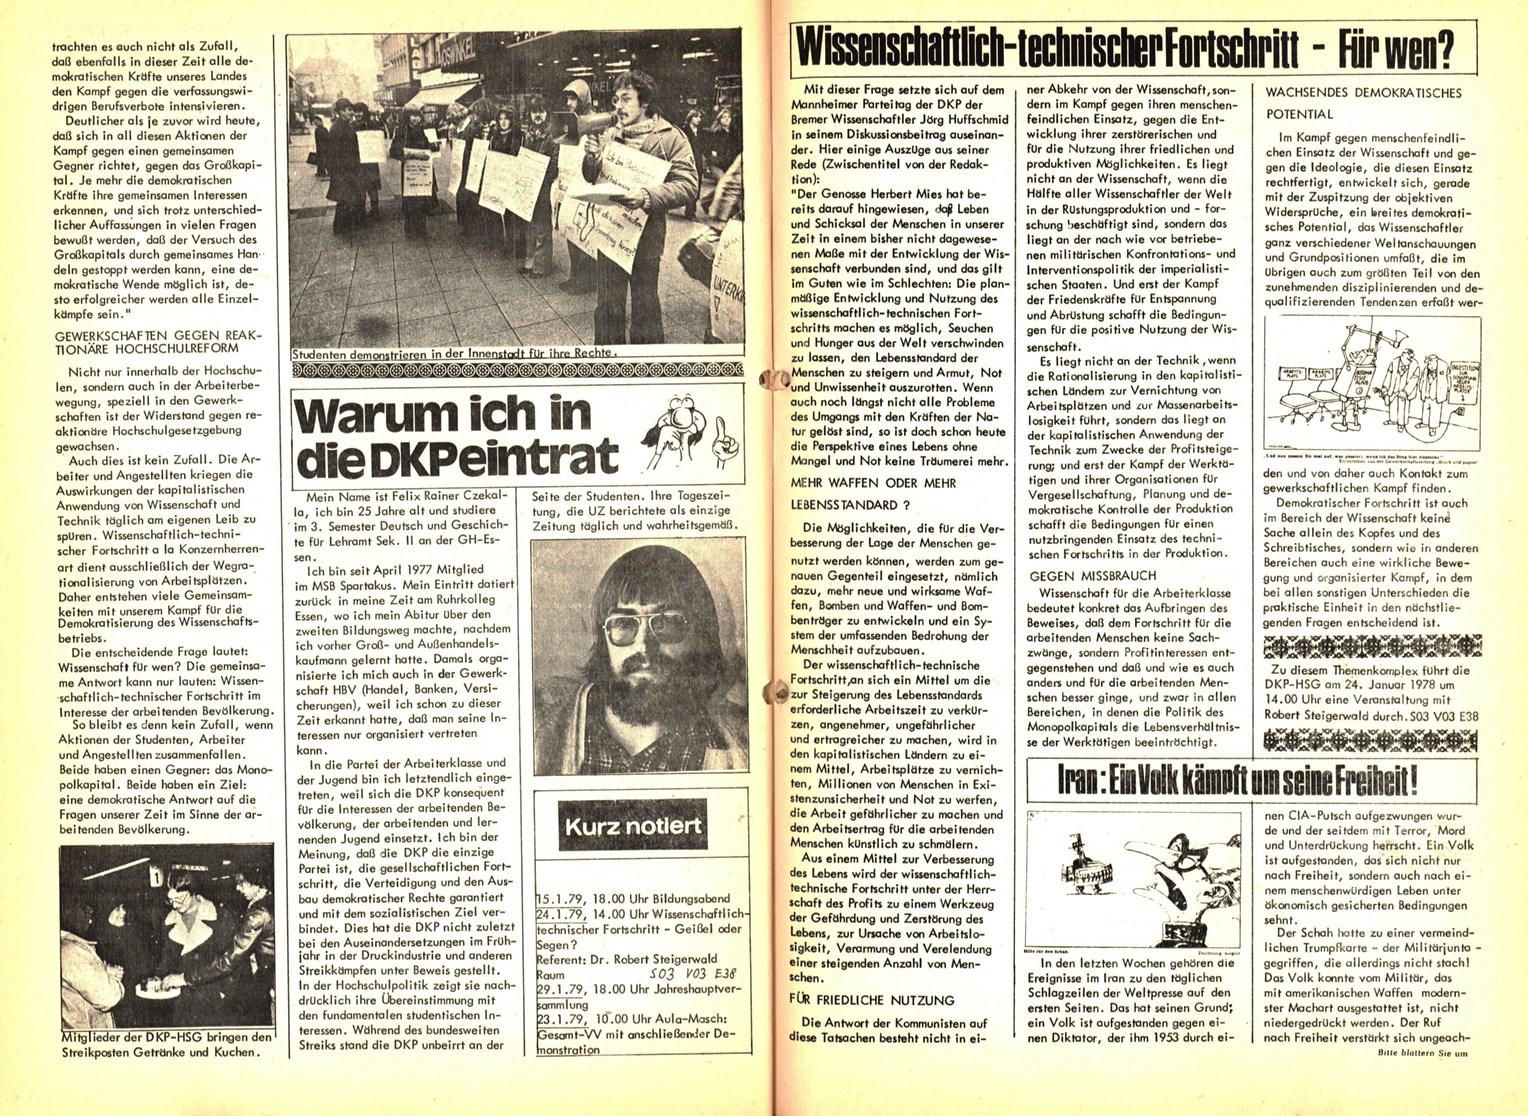 Essen_DKP_Kommunist_19790100_02